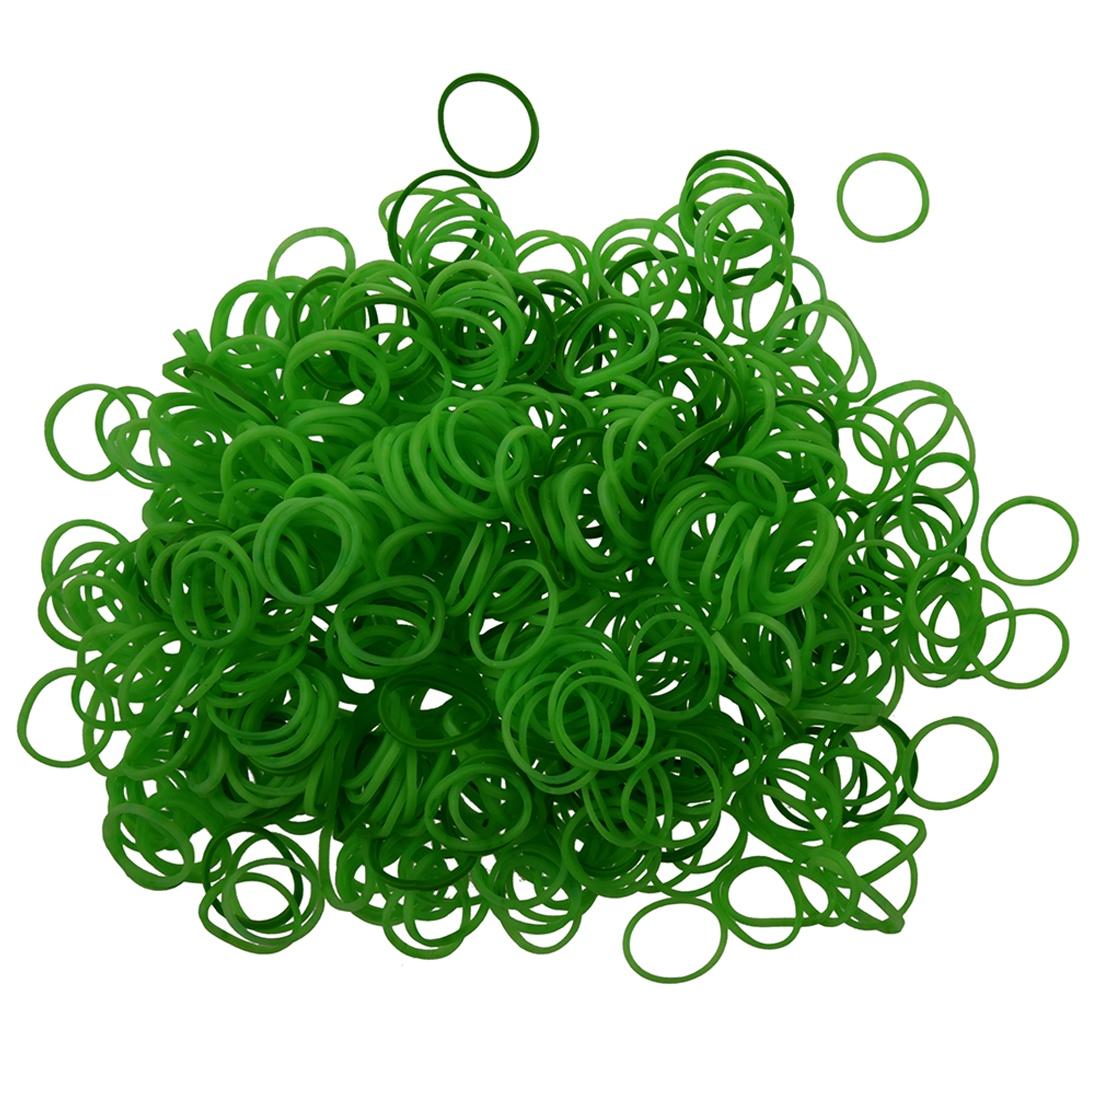 Резиночки для плетения Migliores Набор резинок для плетения 200 штук наборы для творчества splash toys набор для плетения браслетов